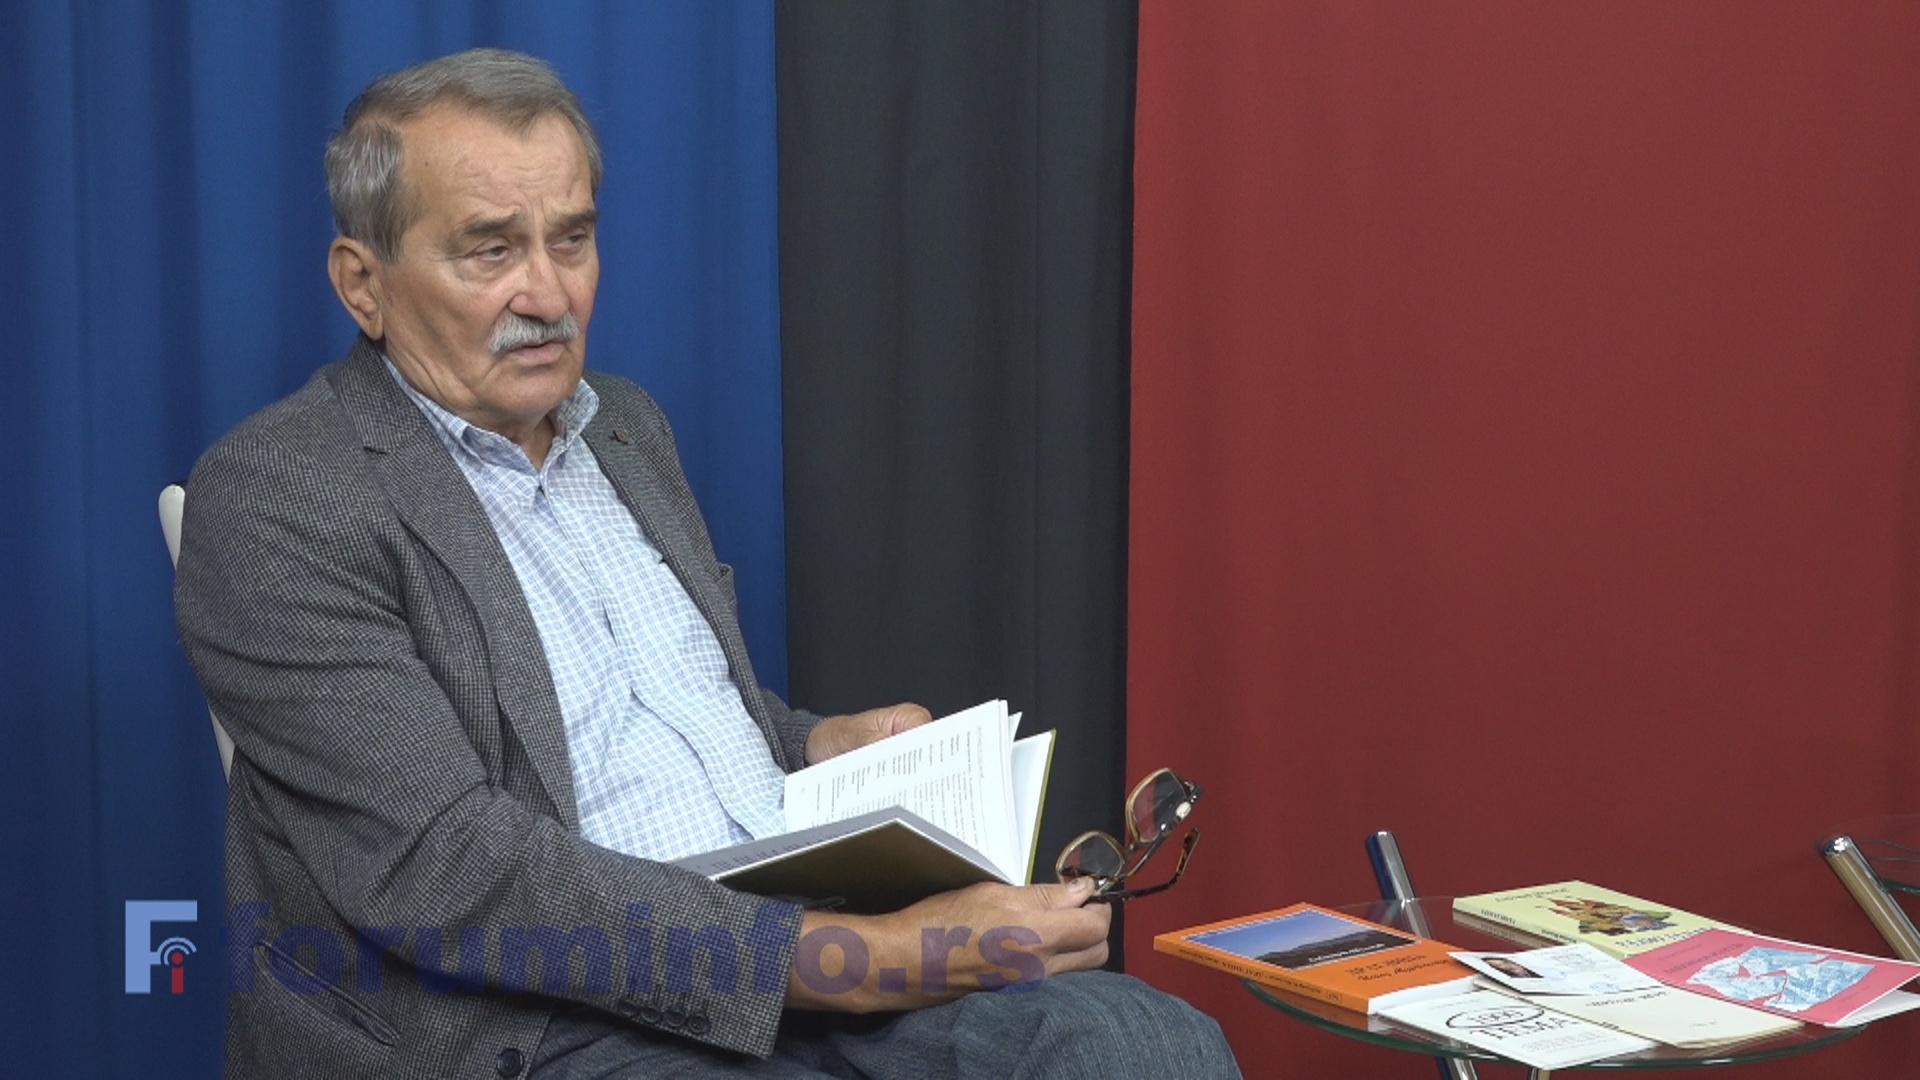 Љубомир Шуљагић у Удружењу књижевника Србије